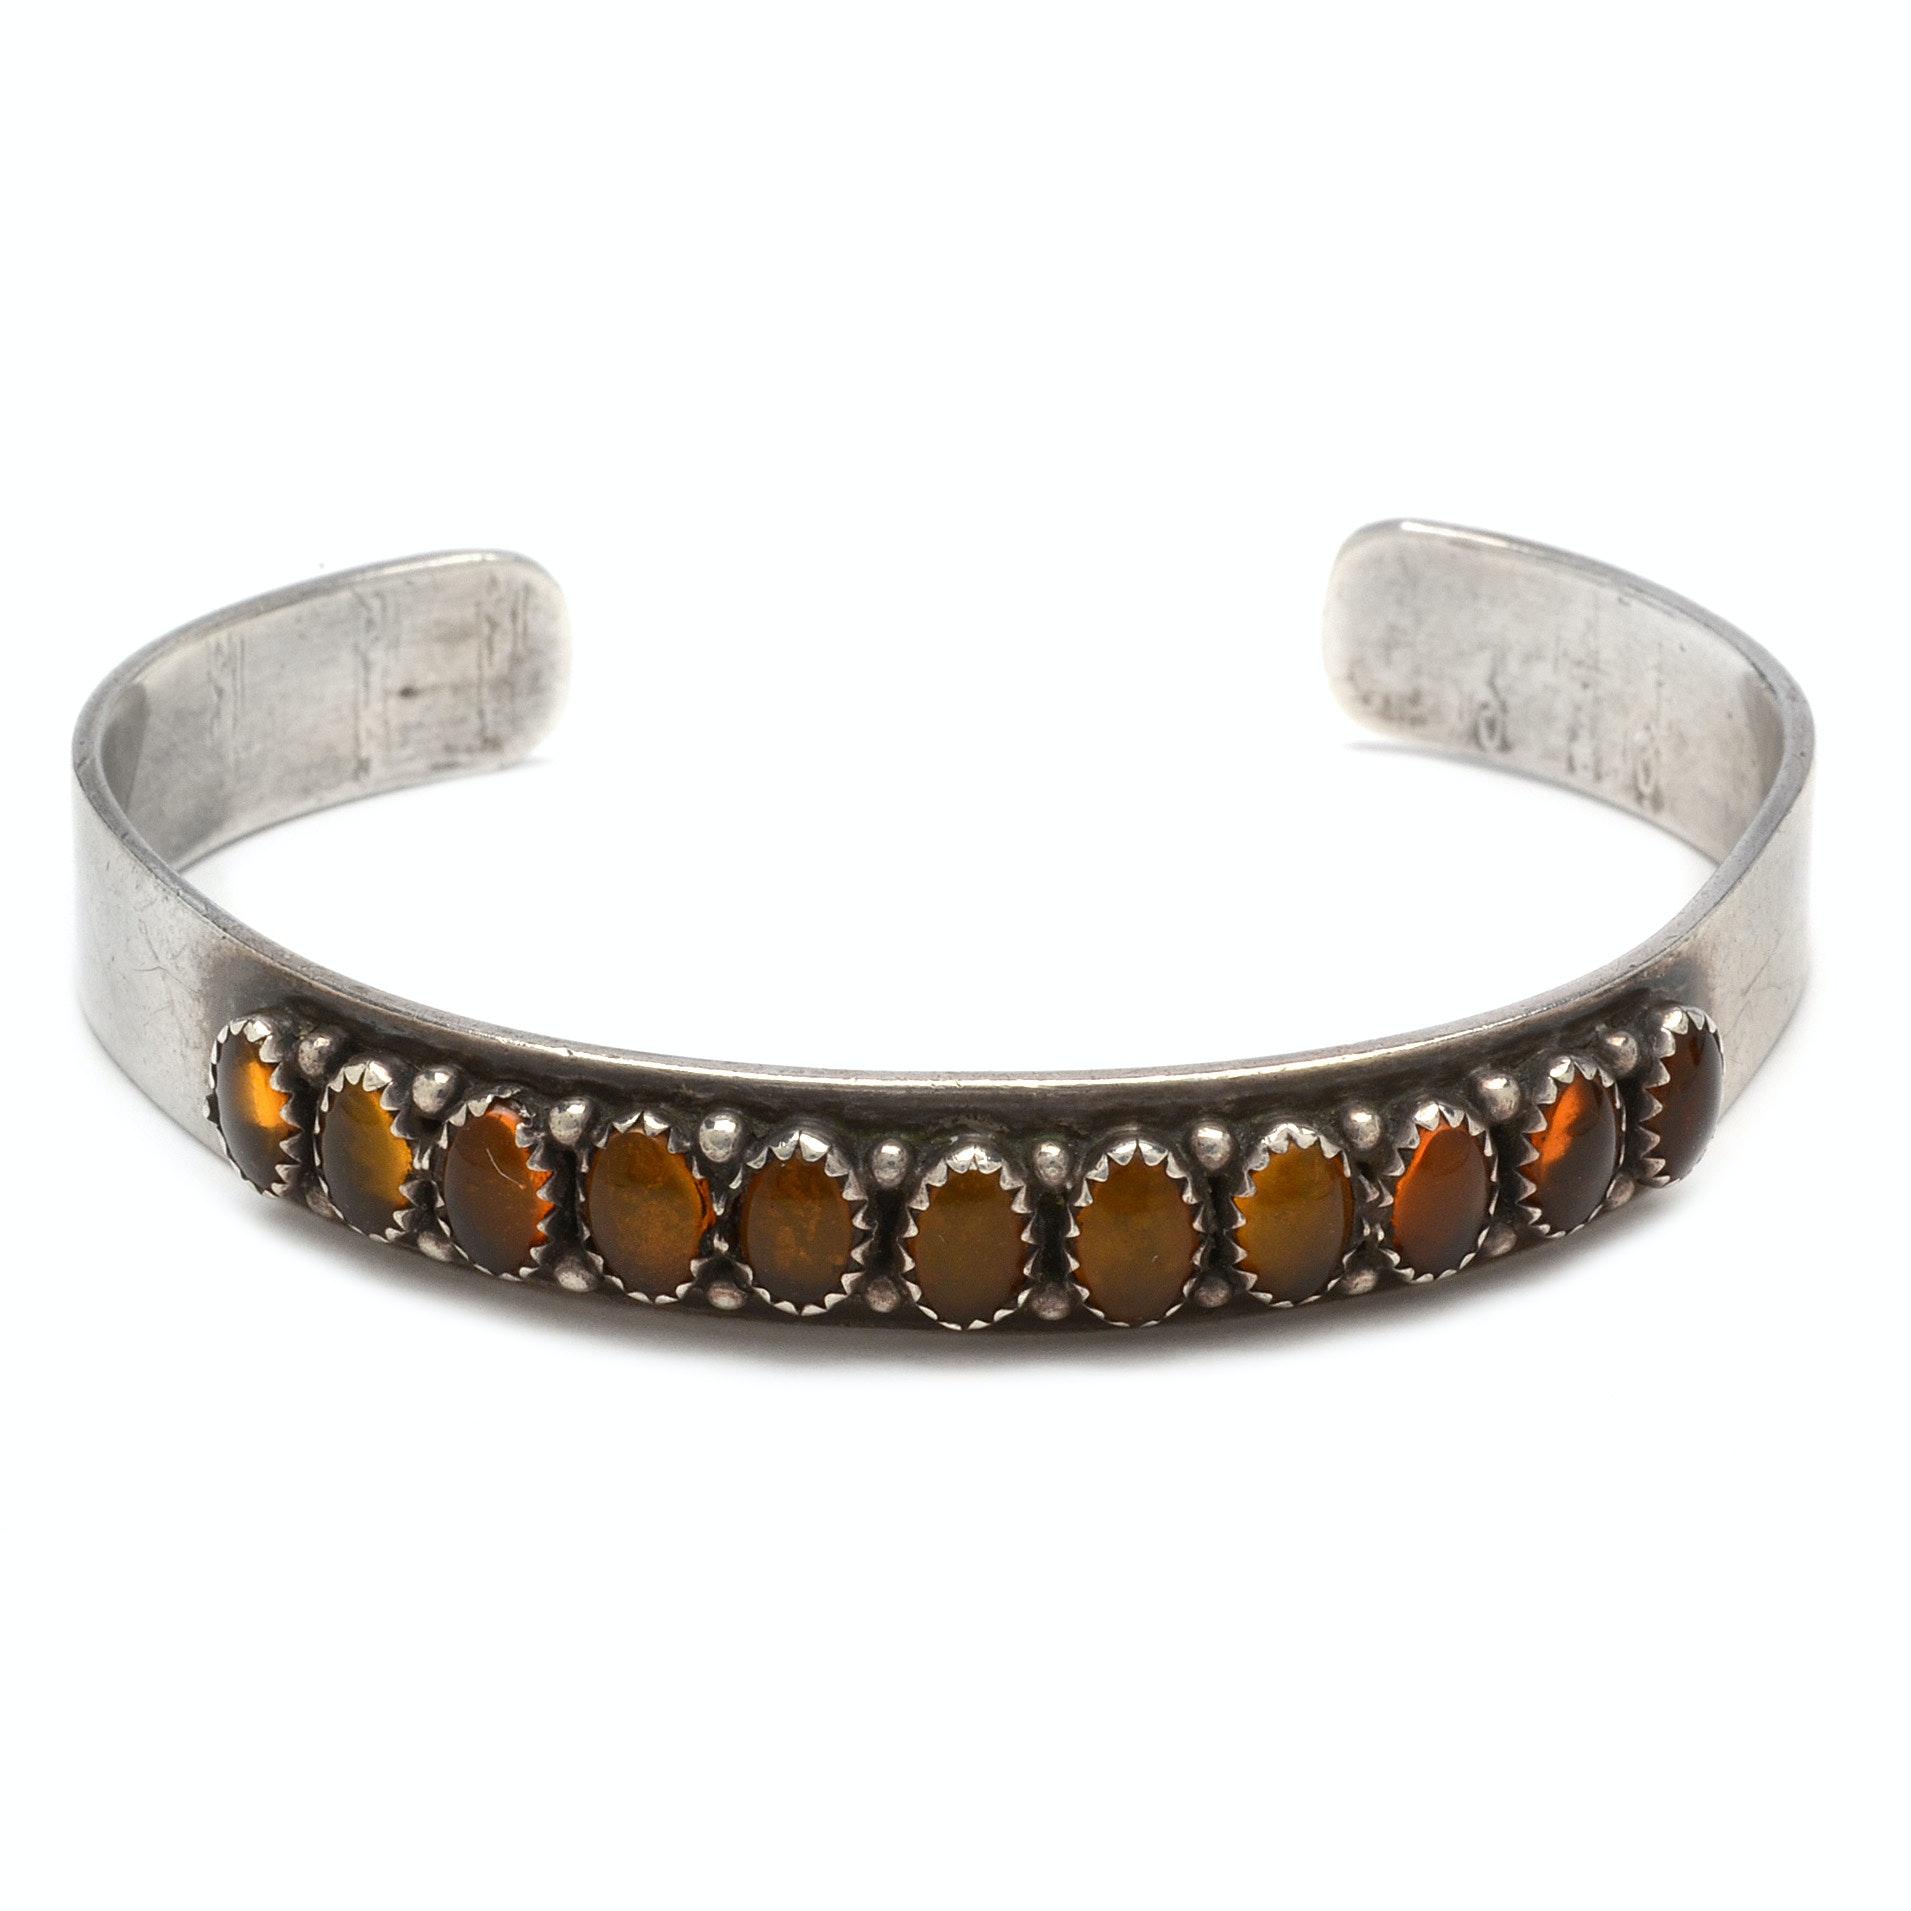 J. Begay Sterling Silver Cuff Bracelet